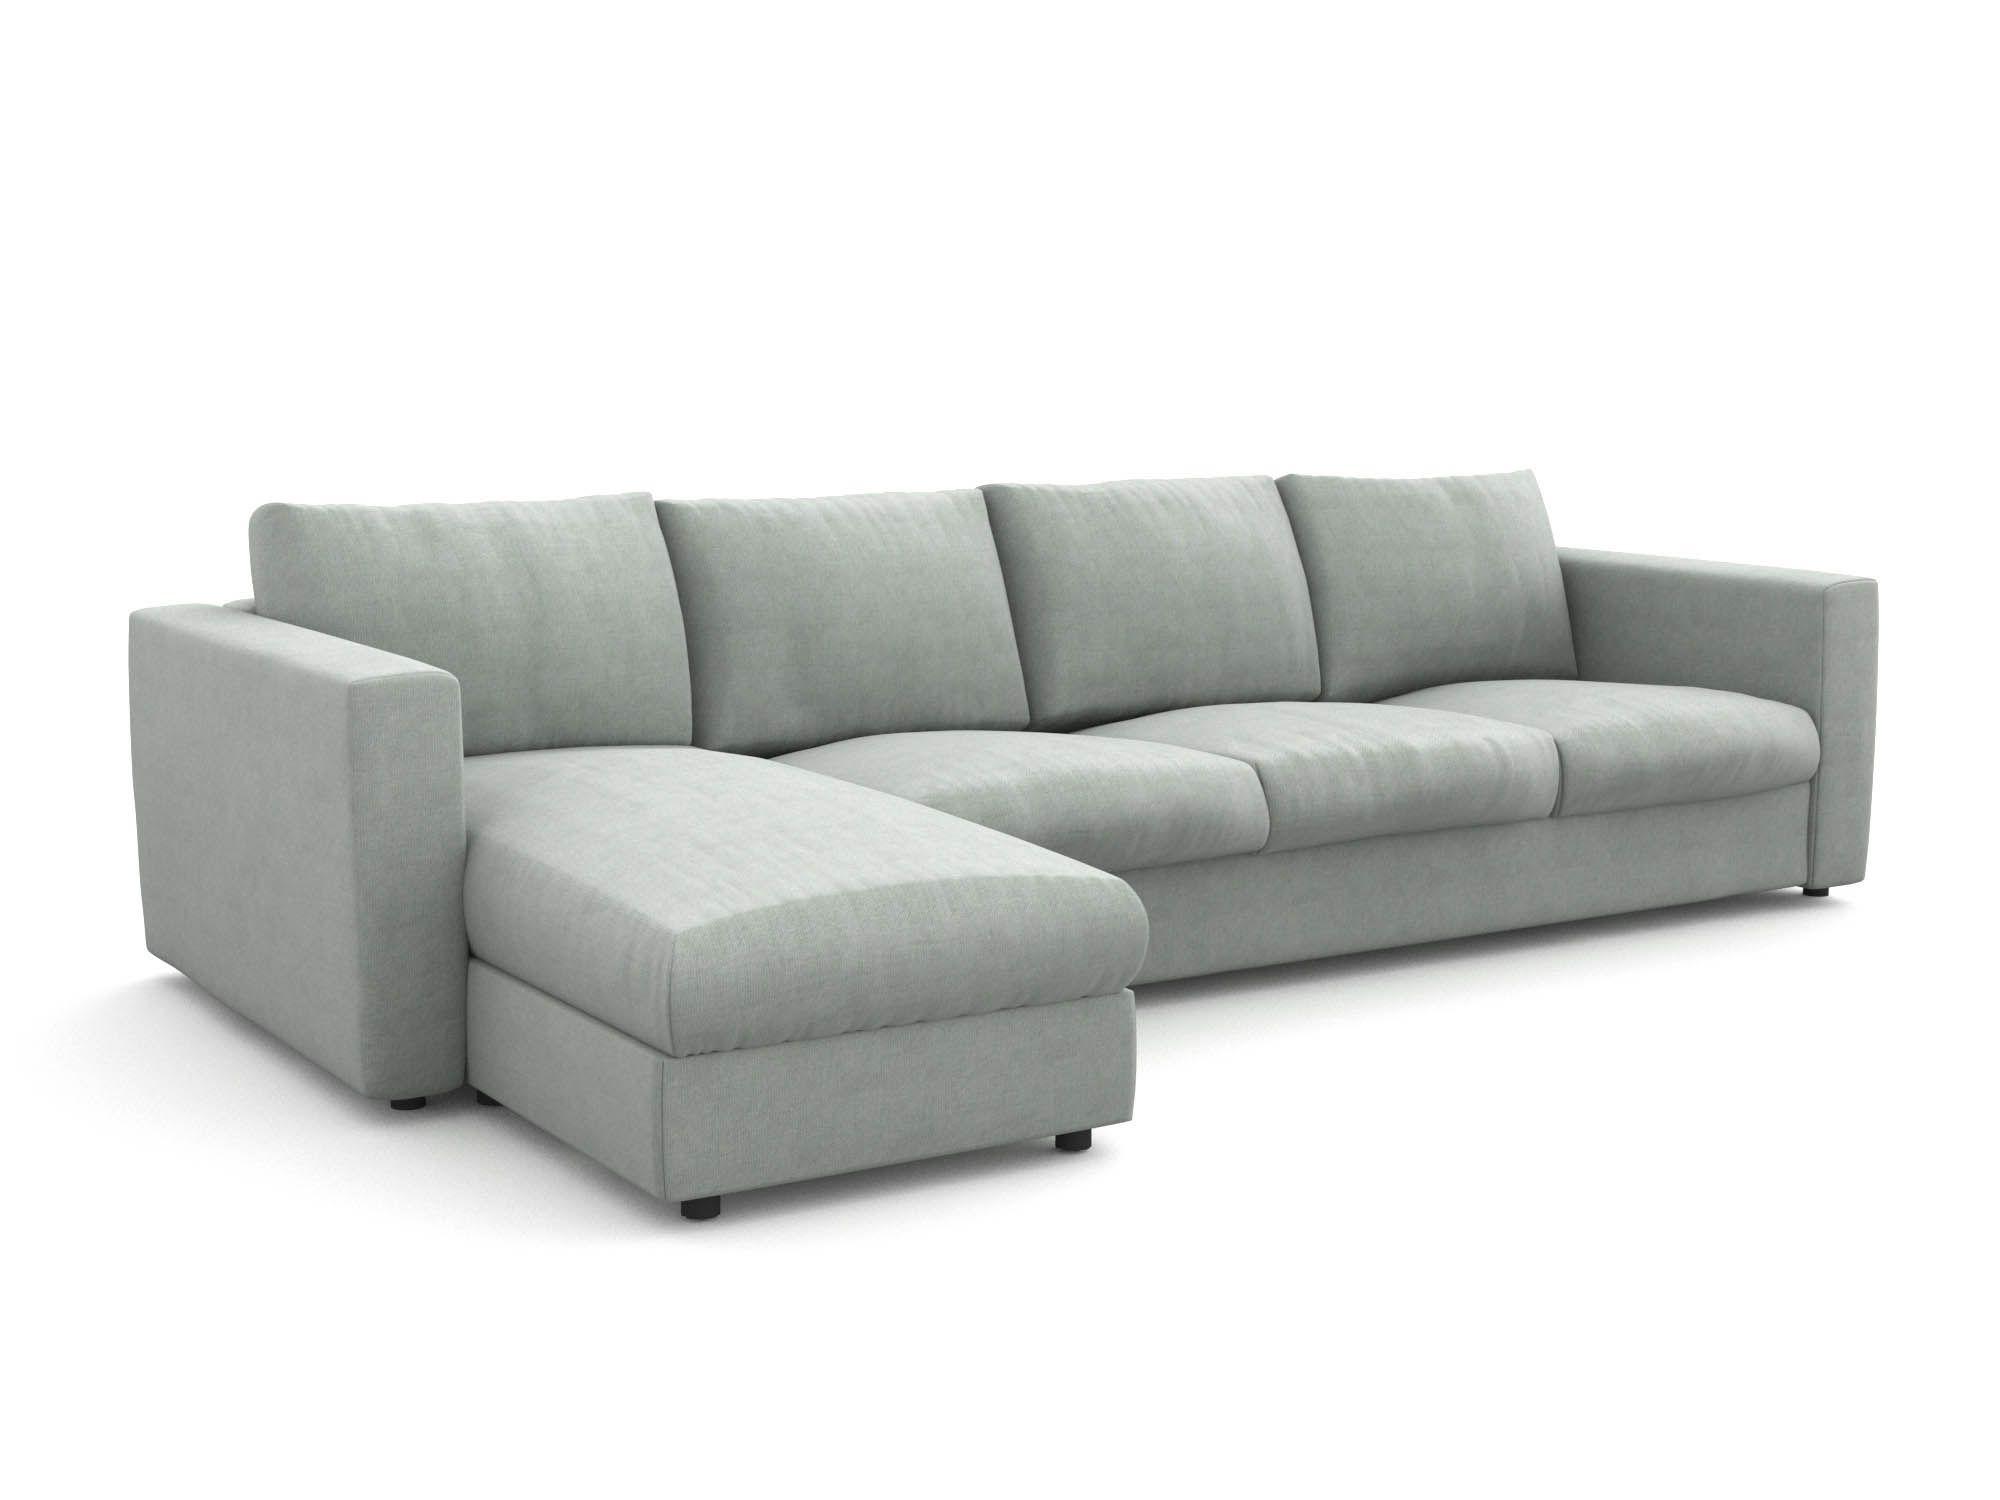 Vimle pokrowiec na sofę 4 osobową z szezlongiem